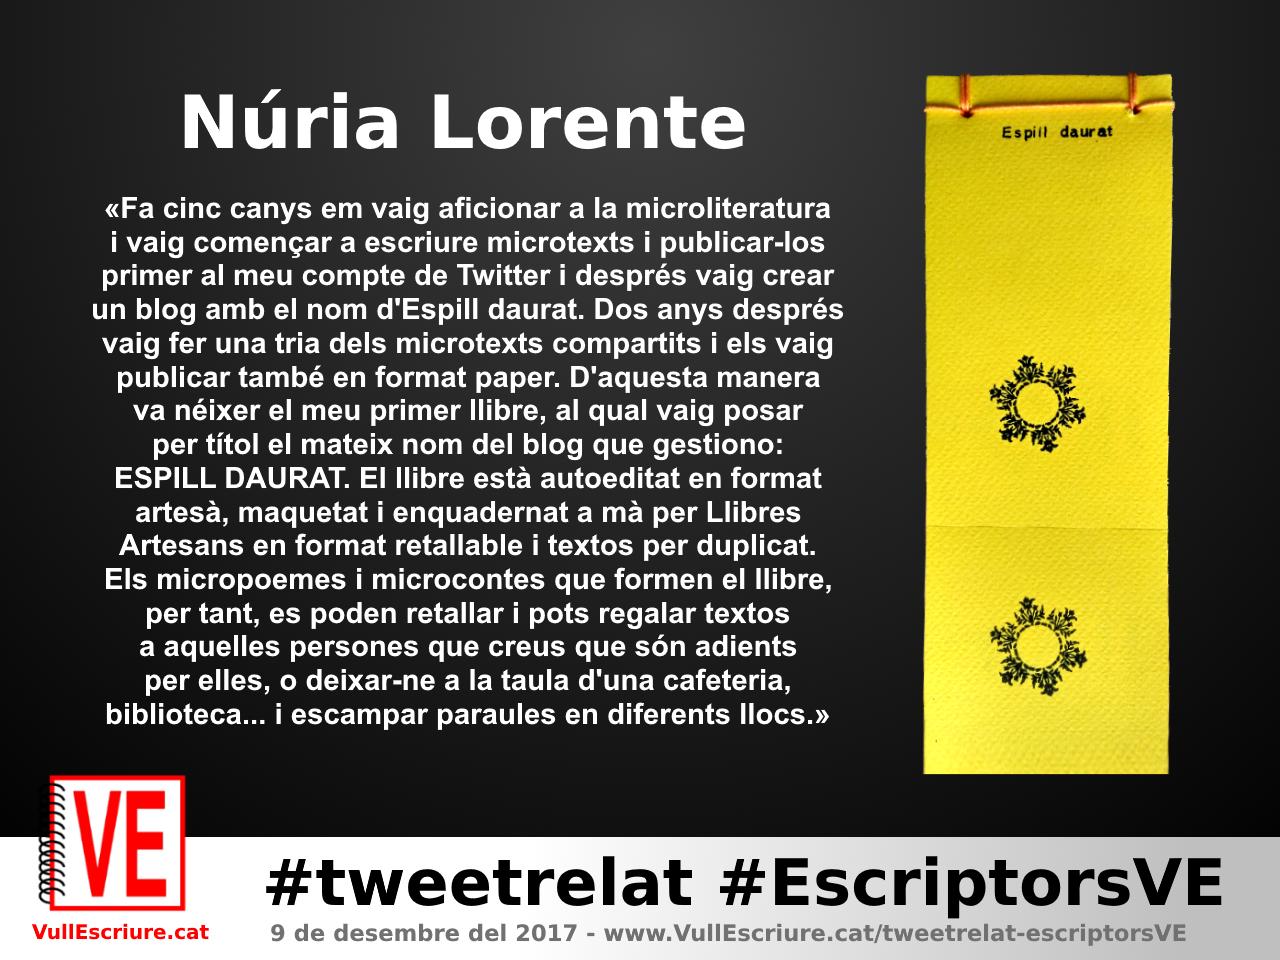 VullEscriure - Marató escriptura #tweetrelat #EscriptorsVE - Núria Lorente - Espill daurat